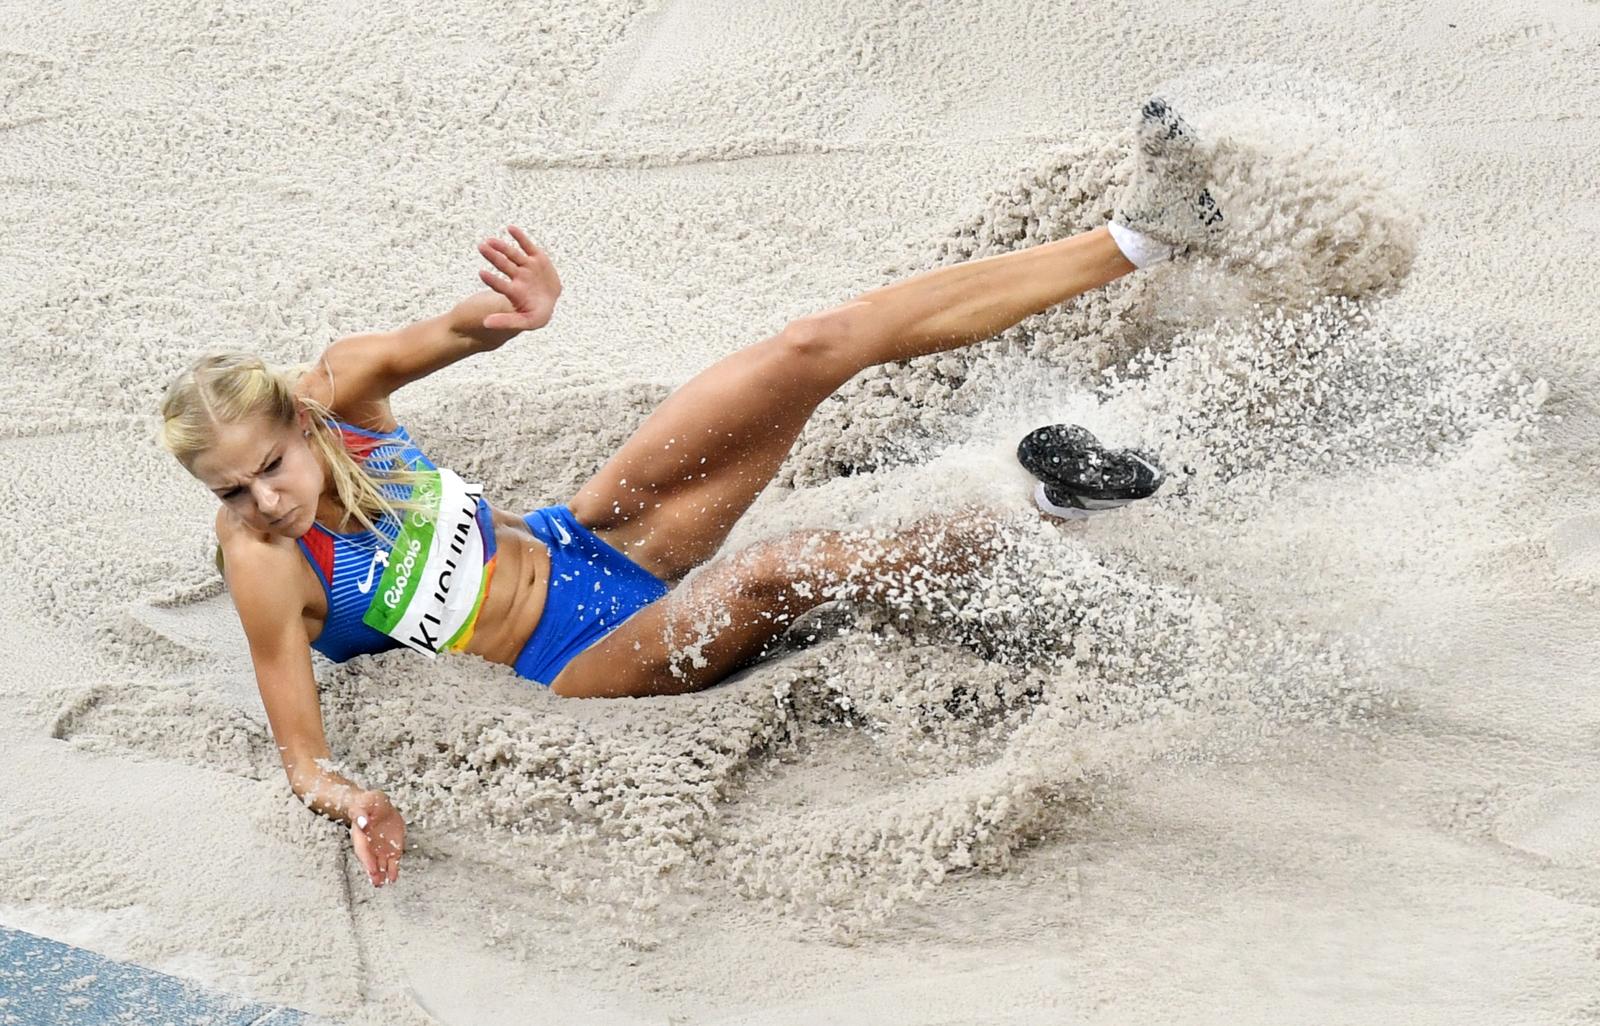 Единственная легкоатлетка от России Дарья Клишина, упустила шанс побороться за медали.Она осталась за чертой восьмерки с результатом 6.63 м